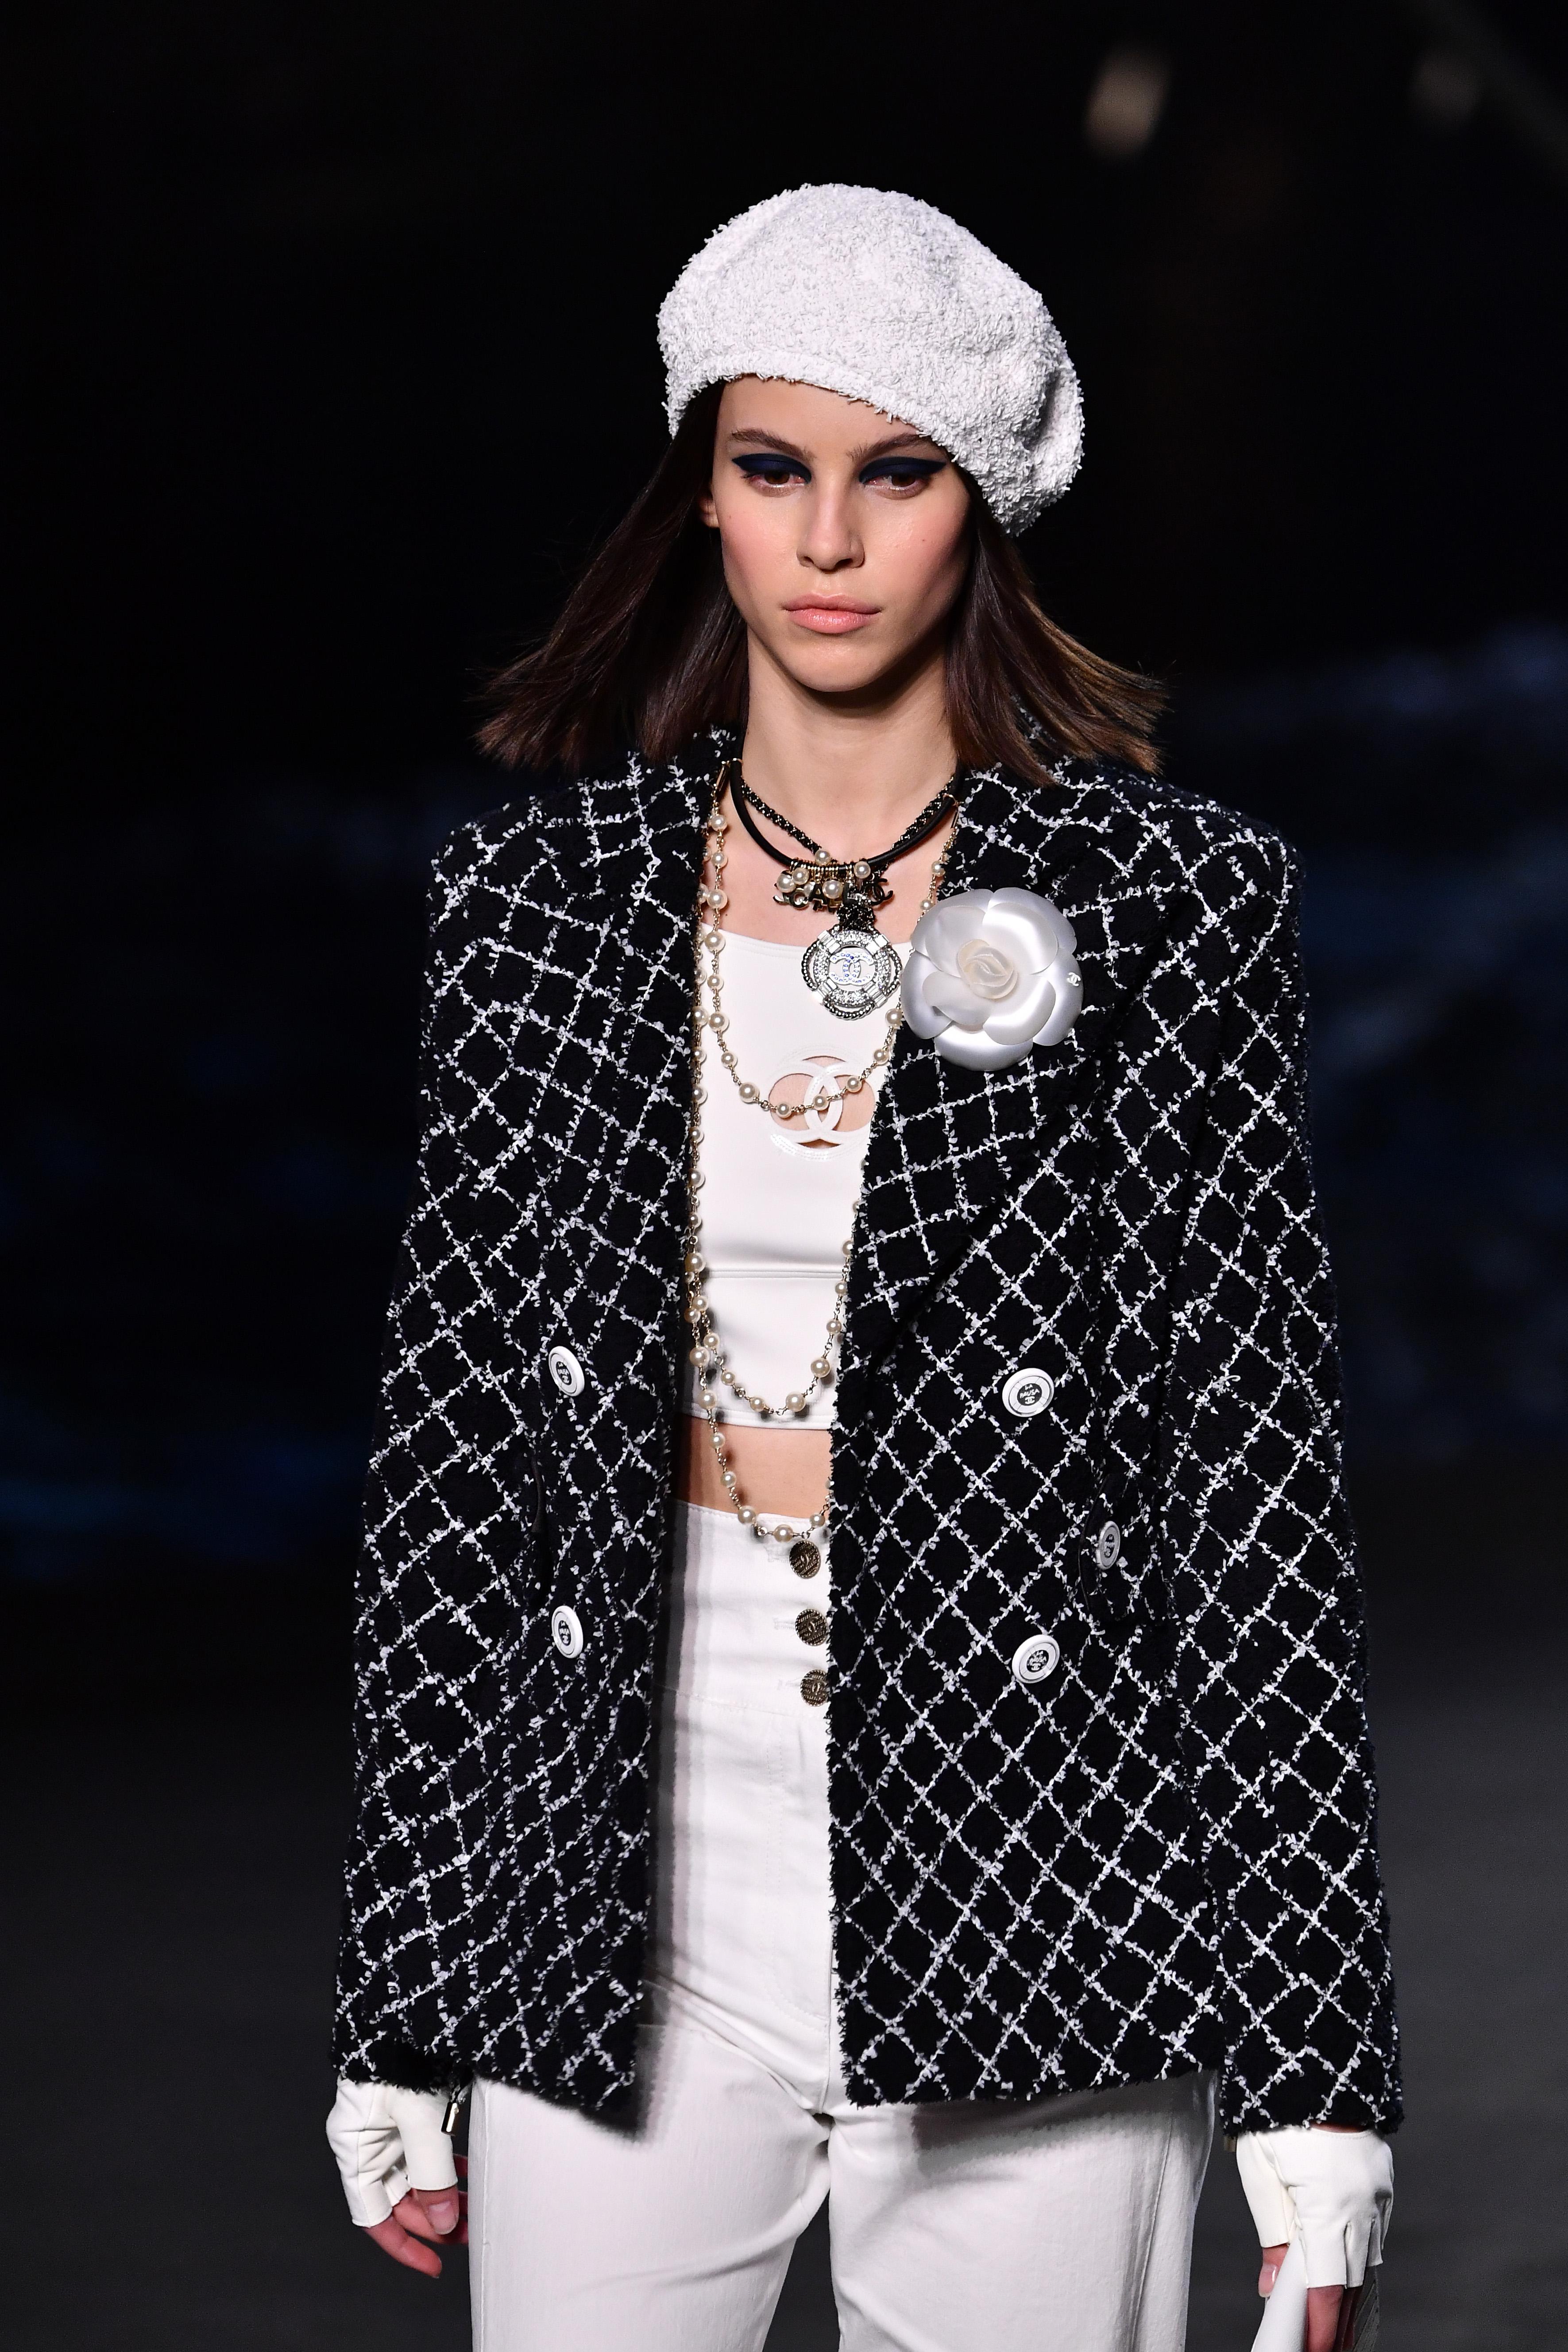 702ca8eb654e2 Blazer se reafirma como peça-chave do closet no Resort 2019 - Vogue ...